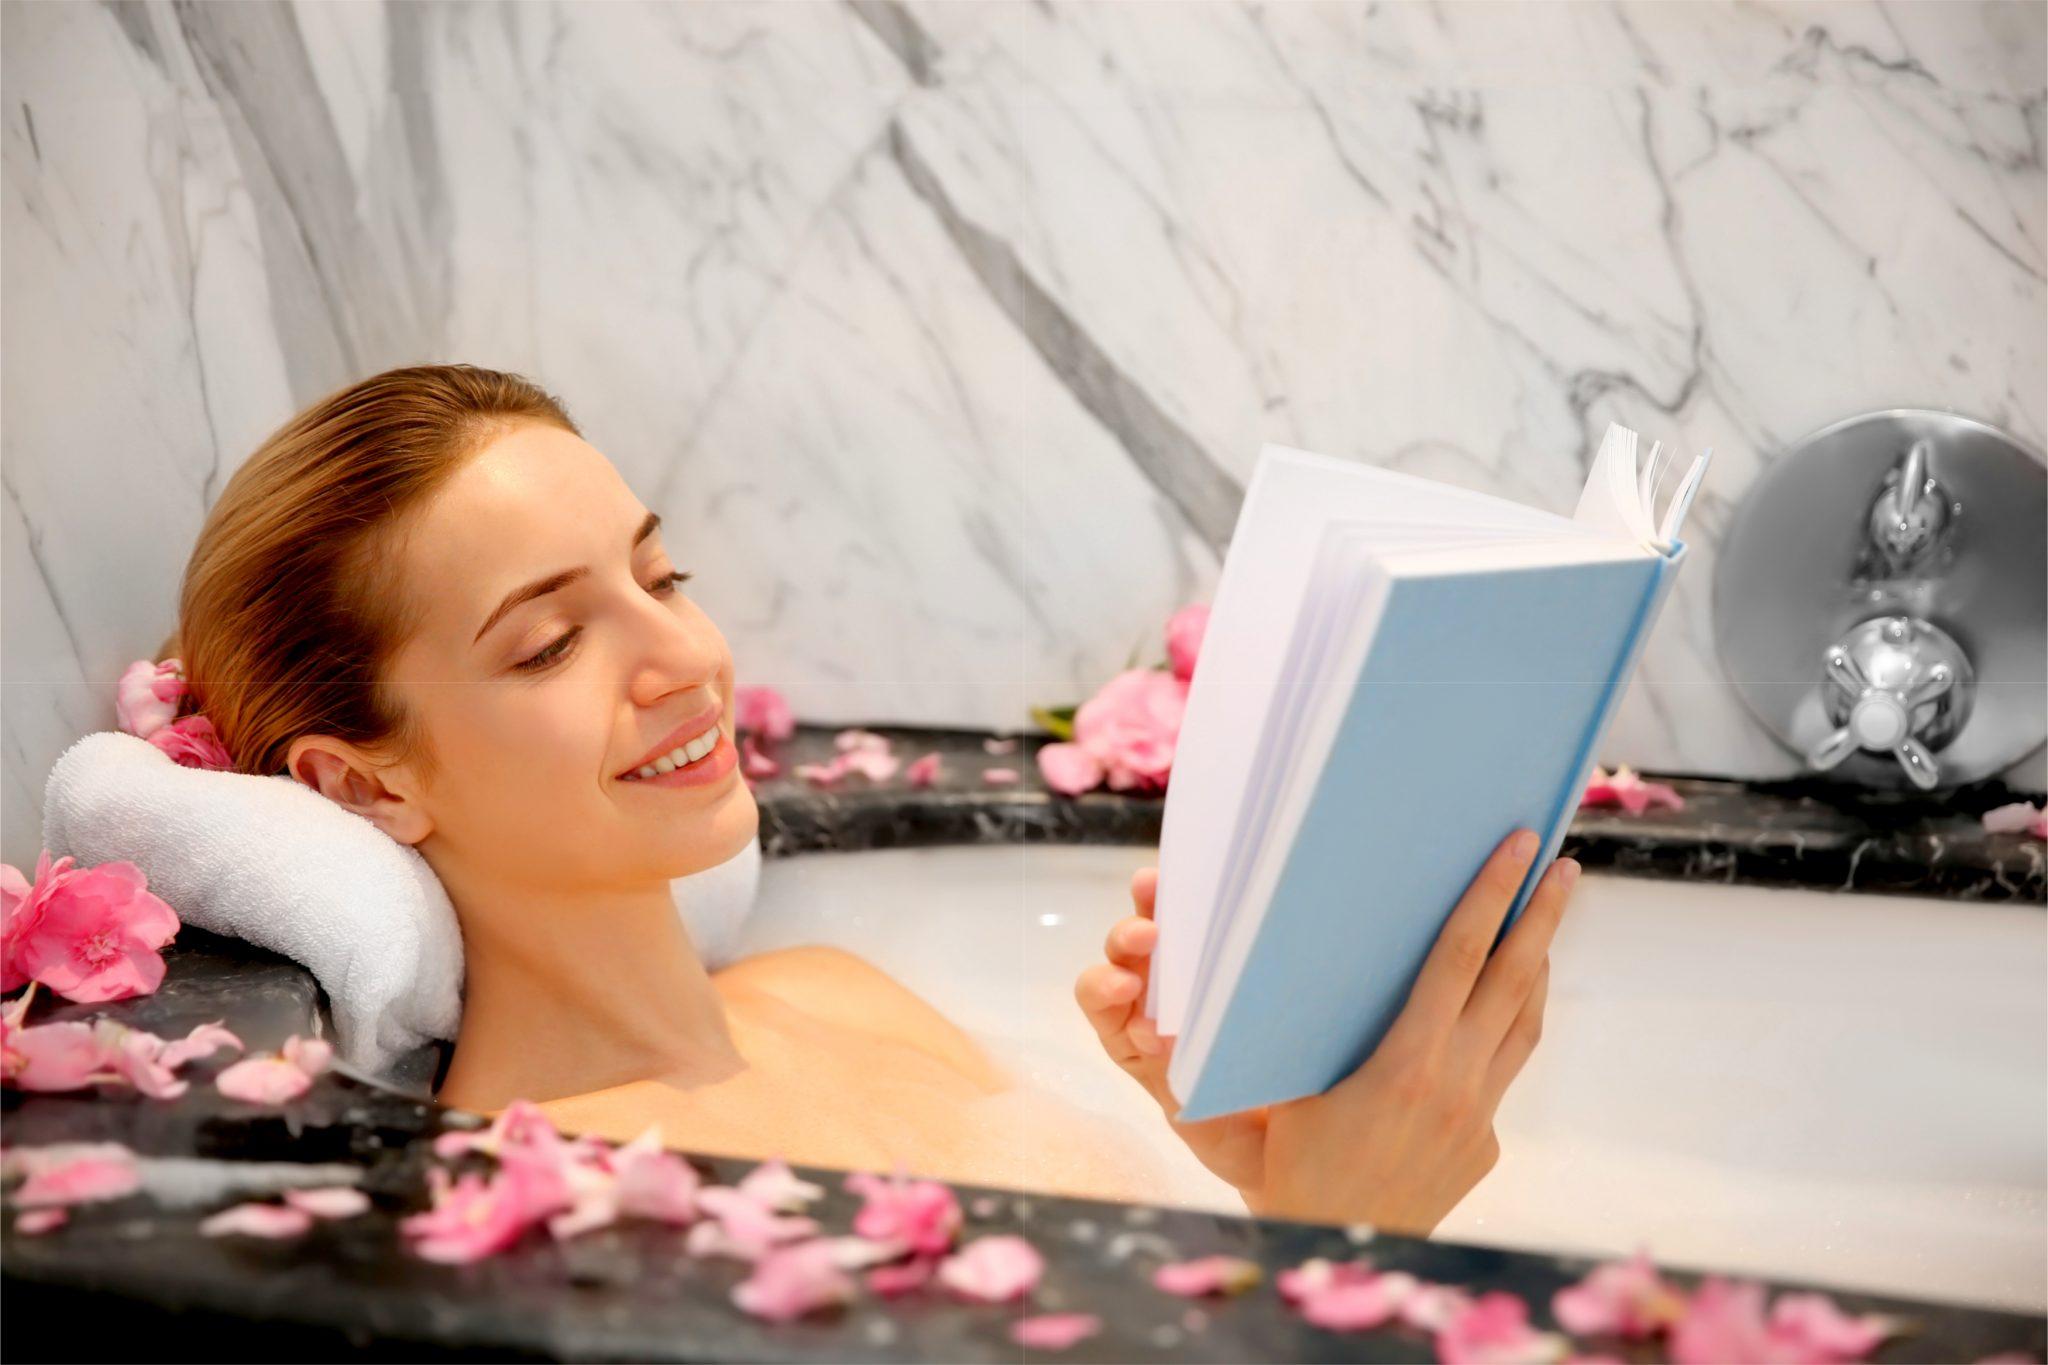 半身浴しながら読書している女性